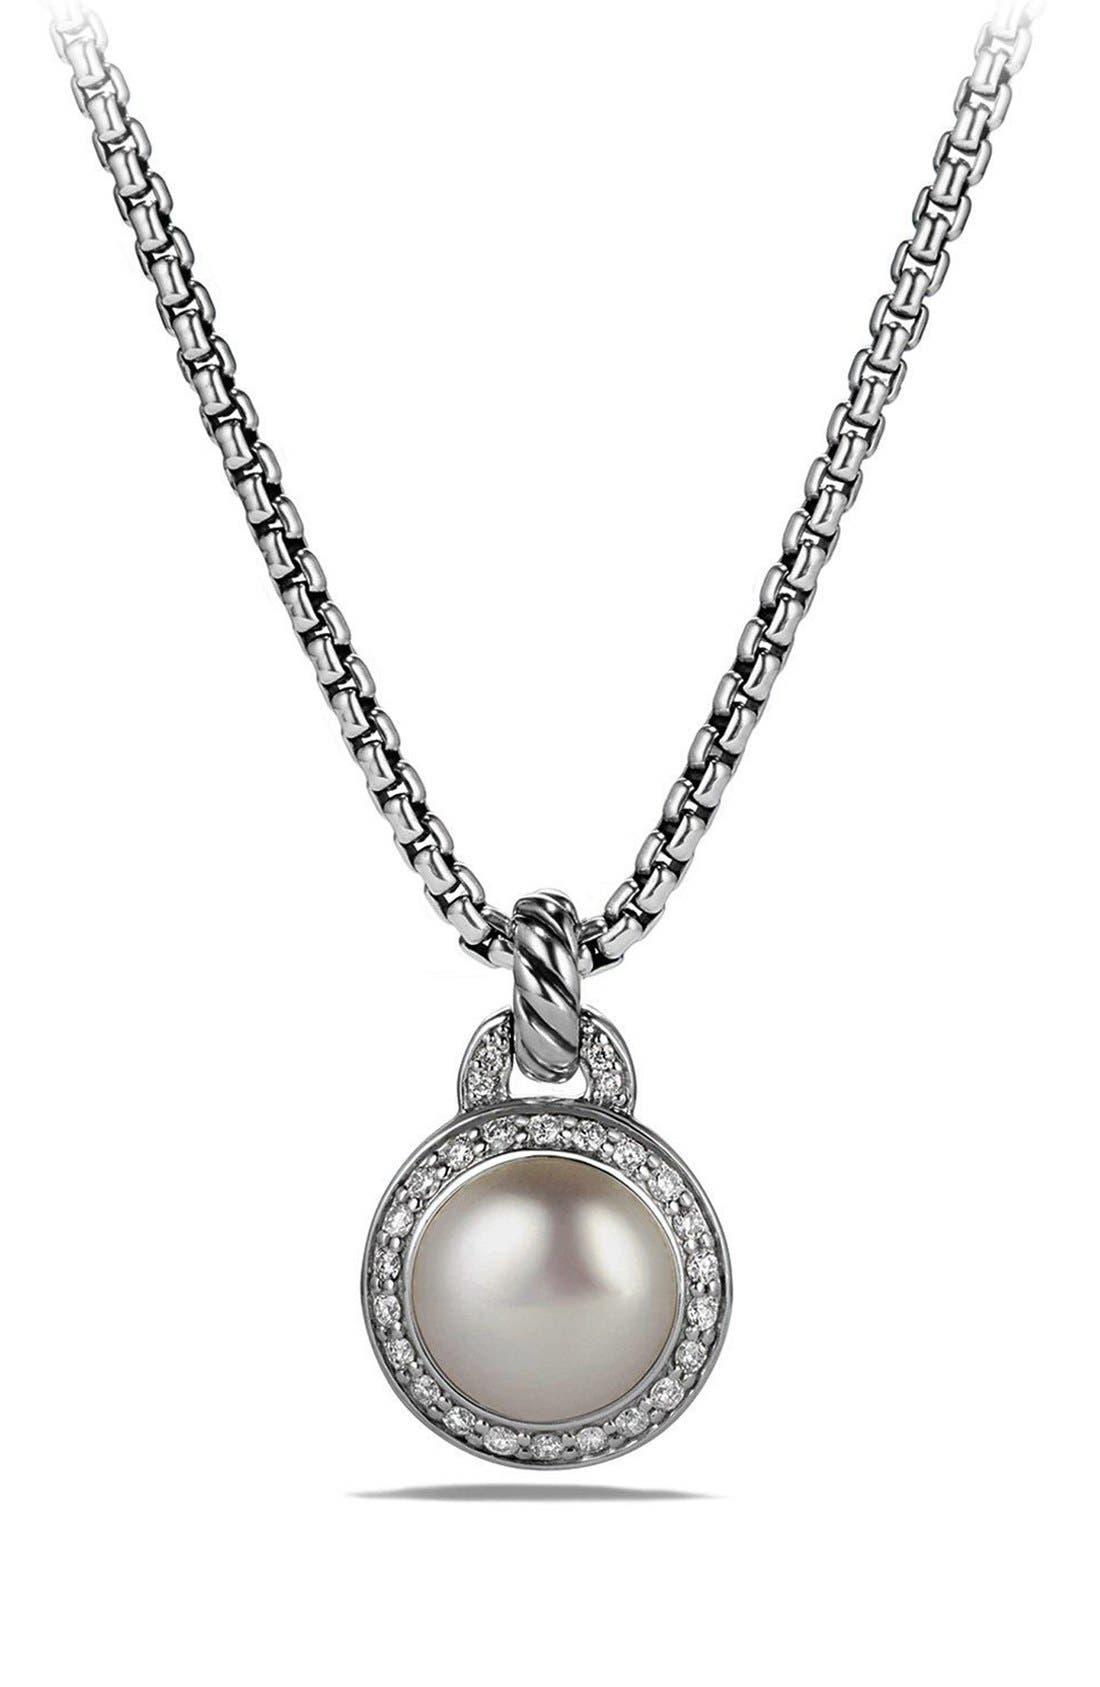 DAVID YURMAN 'Cerise' Petite Cerise Pendant Necklace with